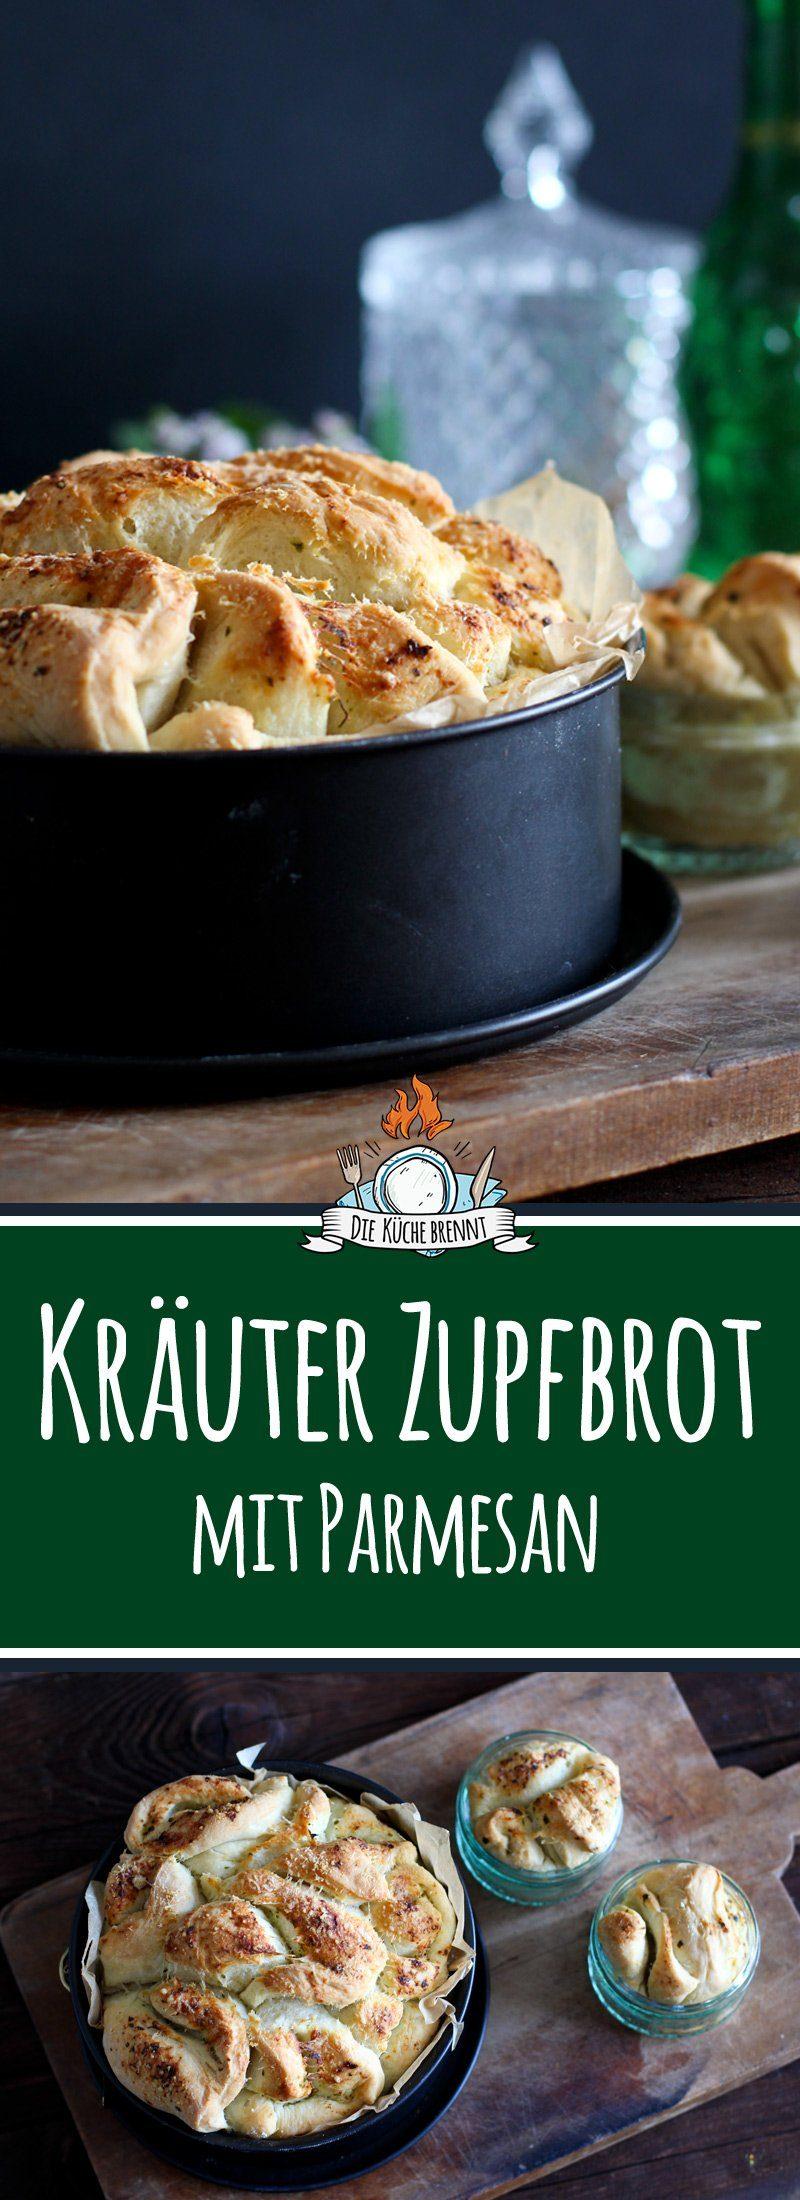 Kräuter Zupfbrot / Faltenbrot in der Springform